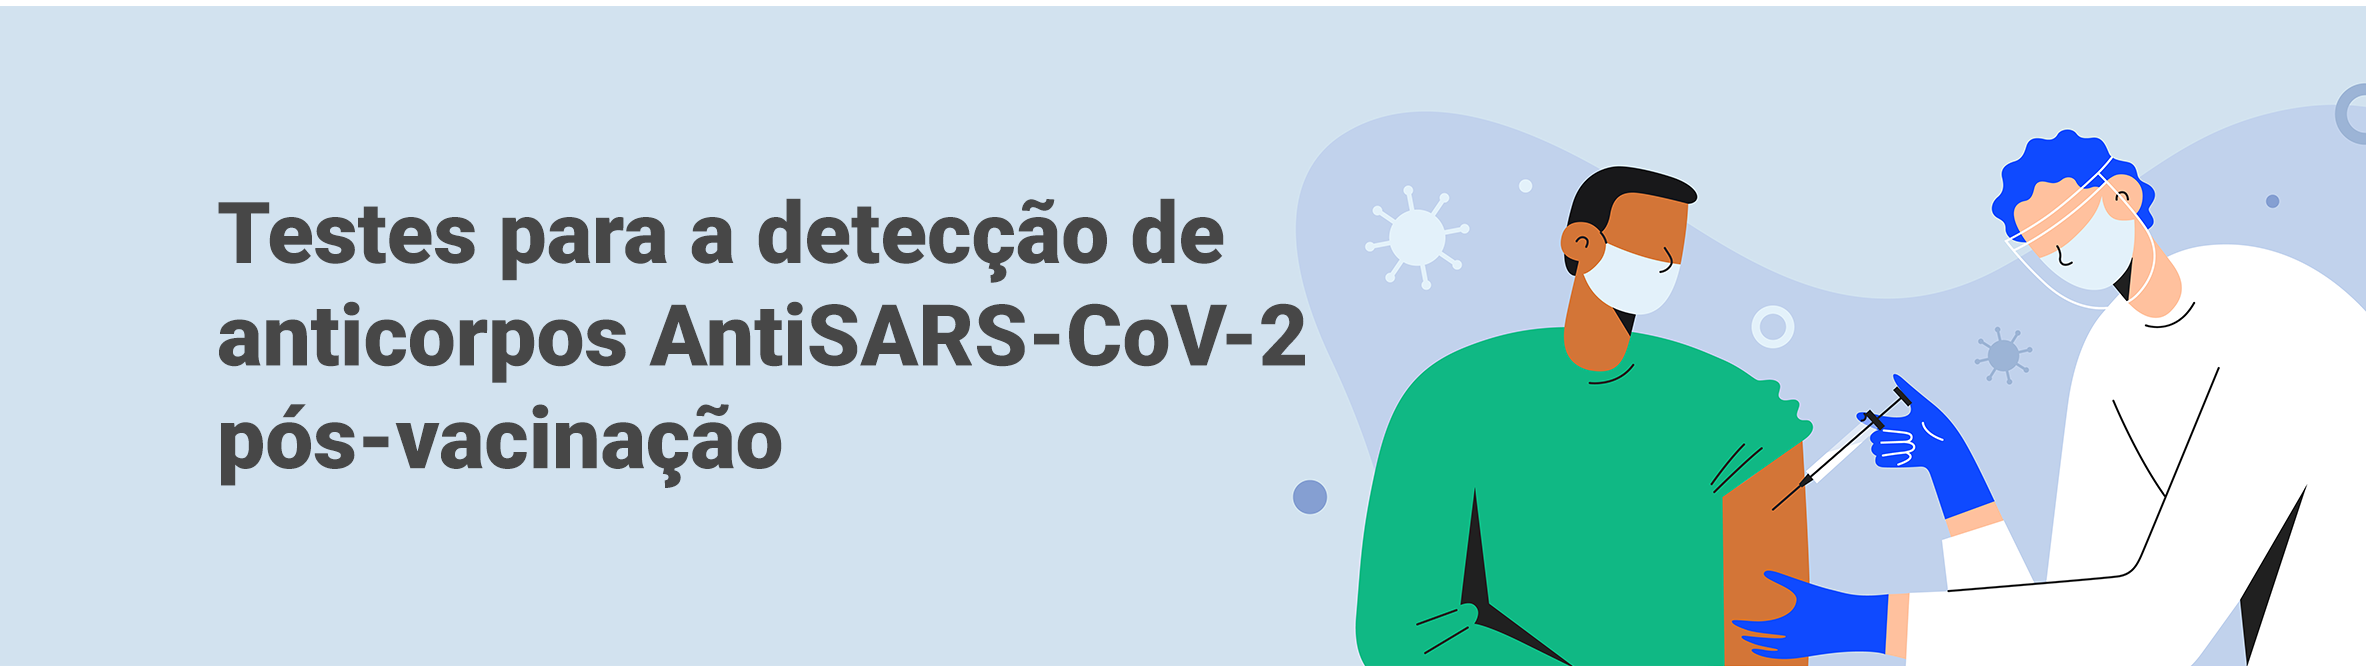 Testes para a detecção de anticorpos AntiSARS-CoV-2 pós-vacinação